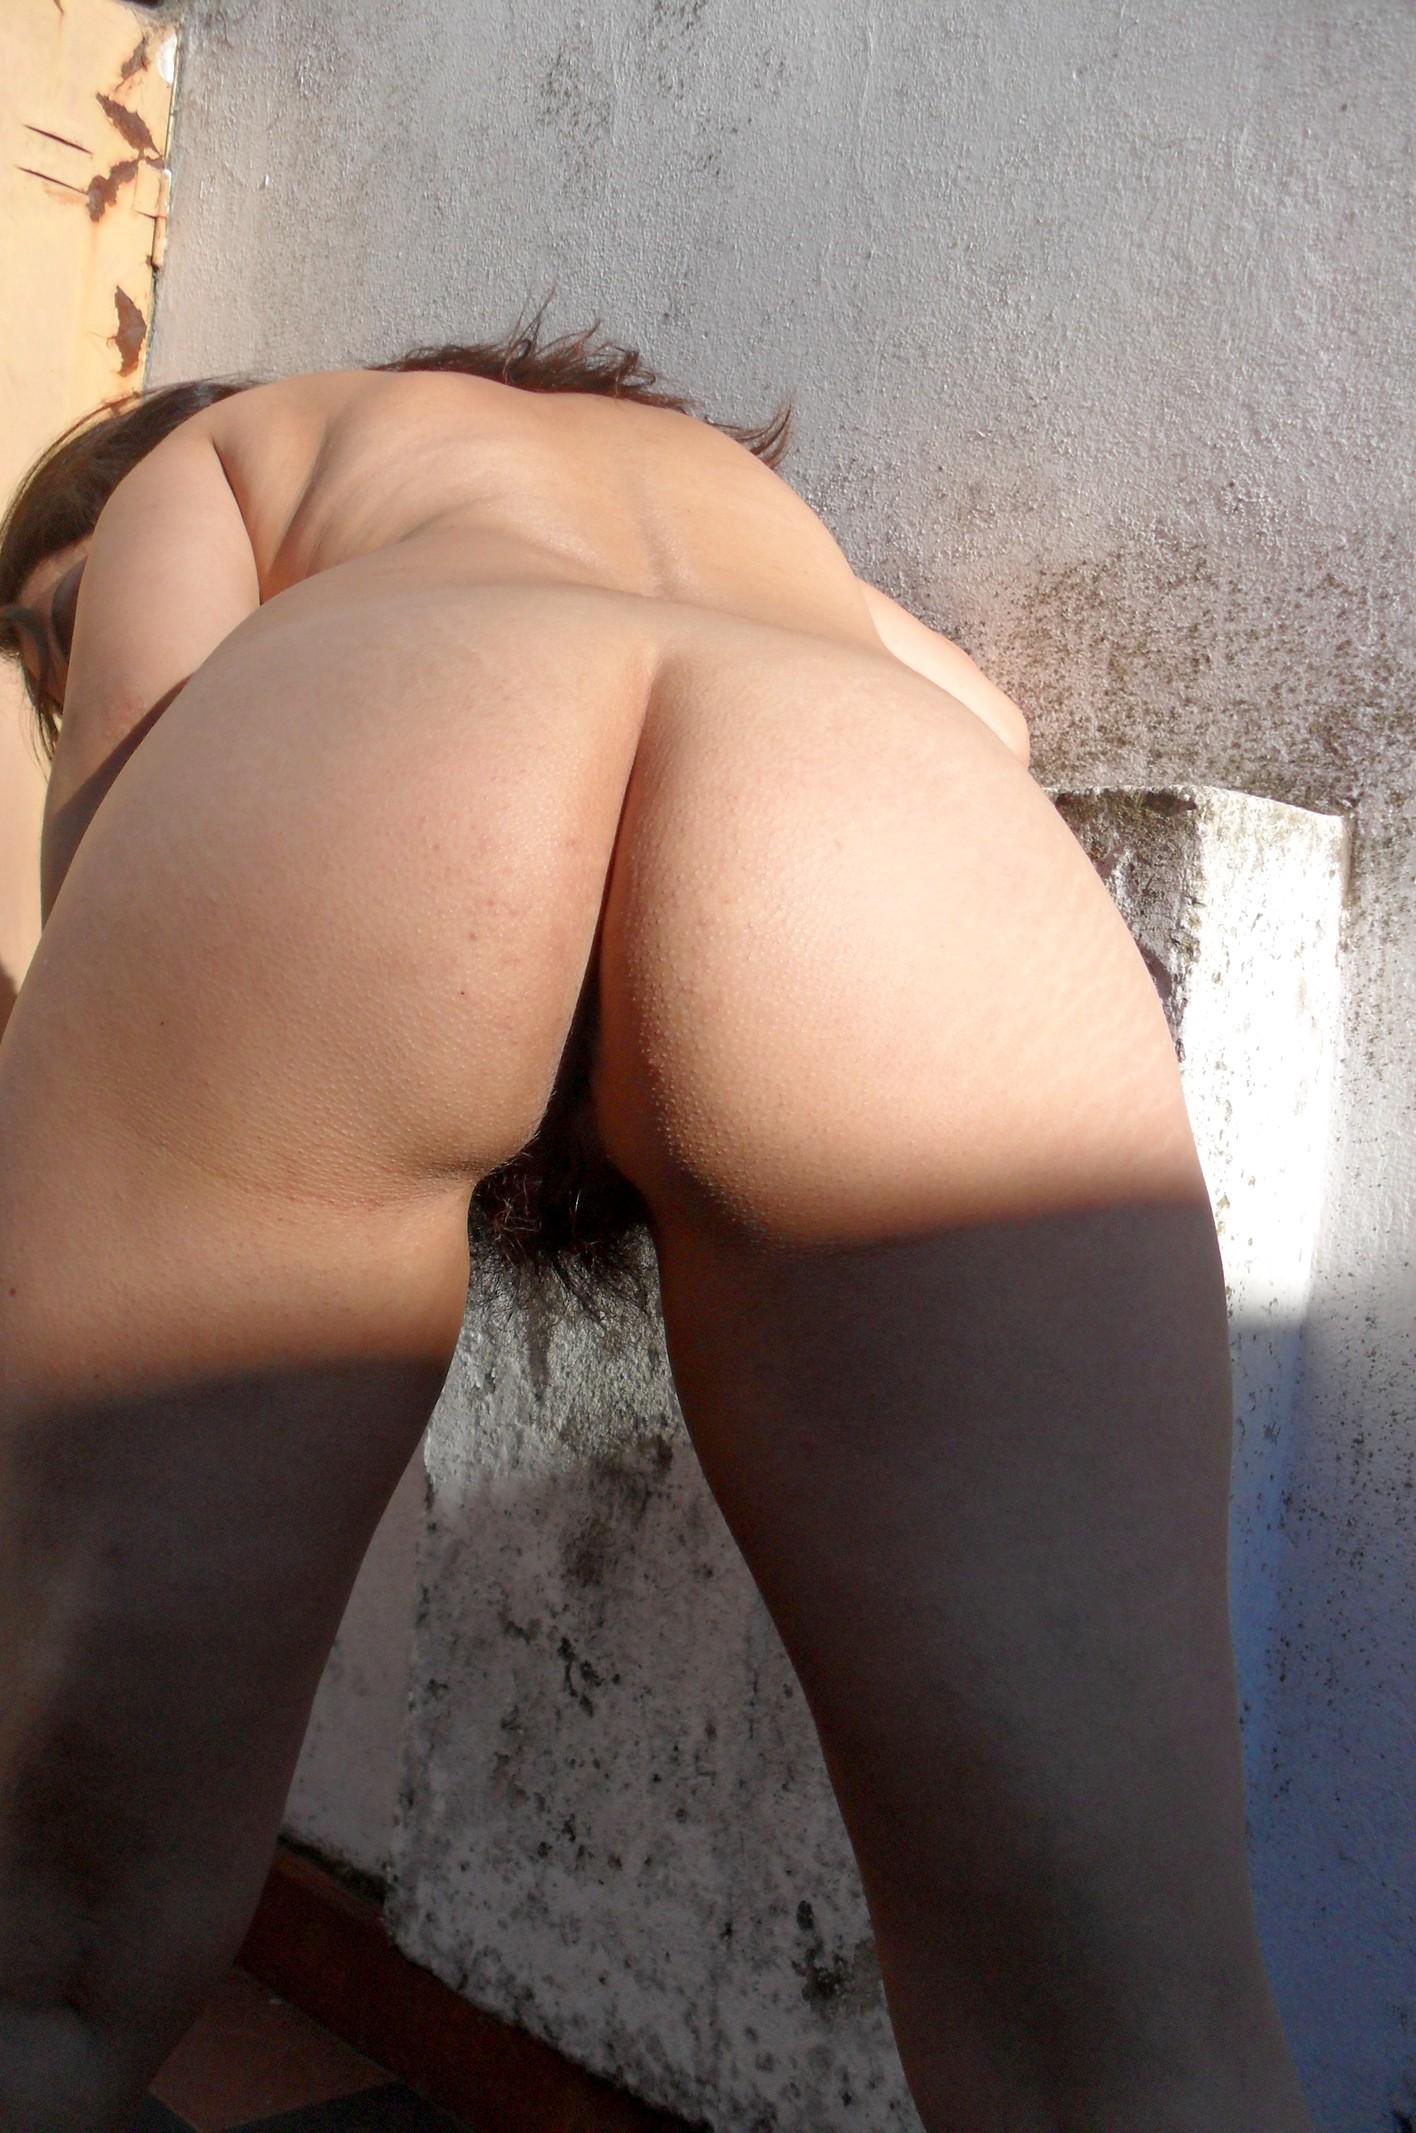 Меона показывает свою мохнатую пизденку – она принципиально не бреется, придерживаясь естественности